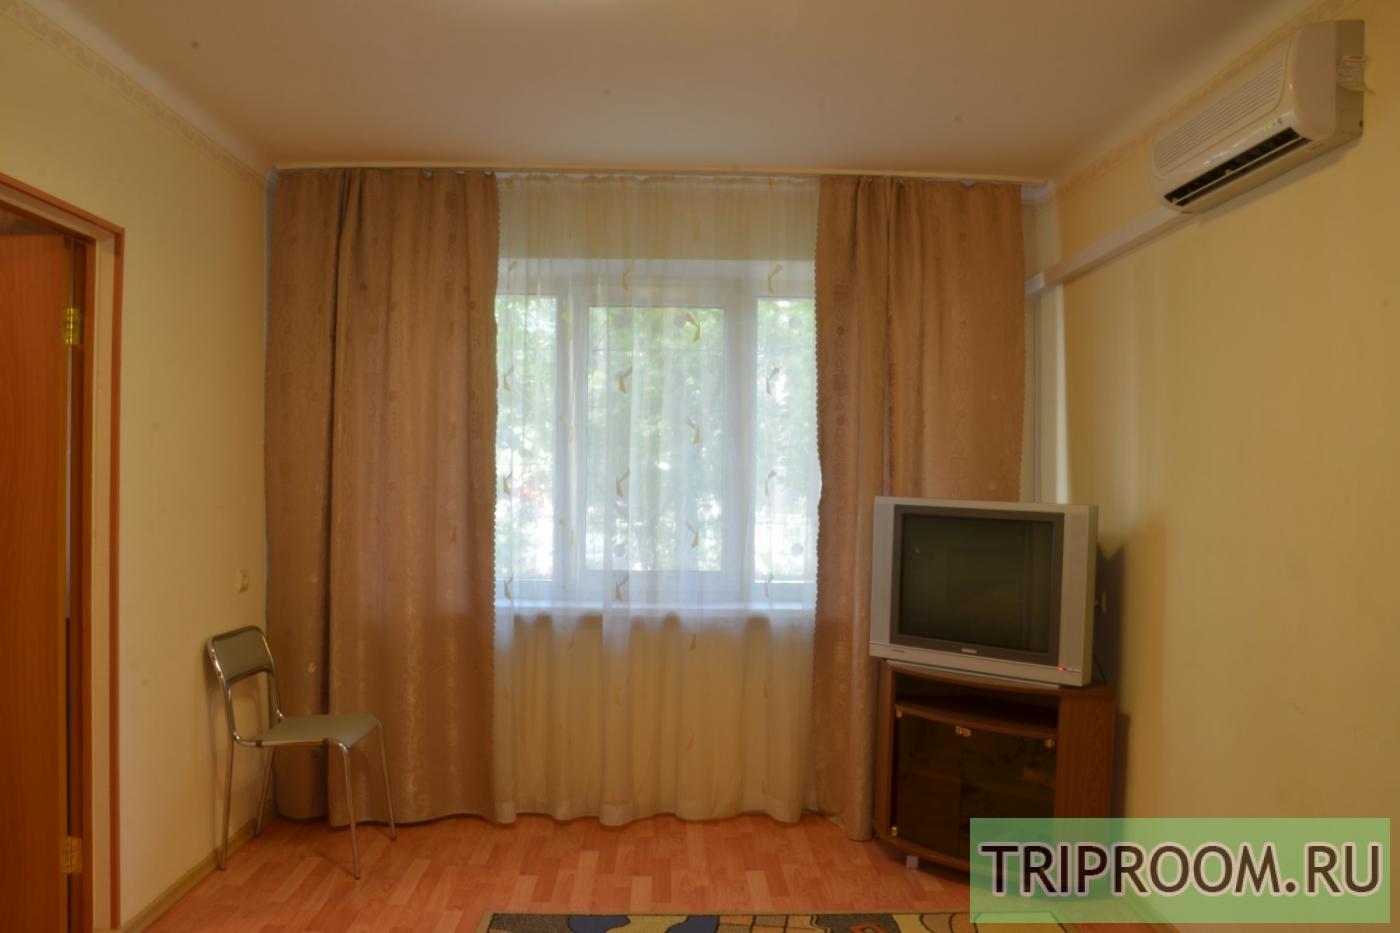 2-комнатная квартира посуточно (вариант № 10577), ул. Тимирязева улица, фото № 3